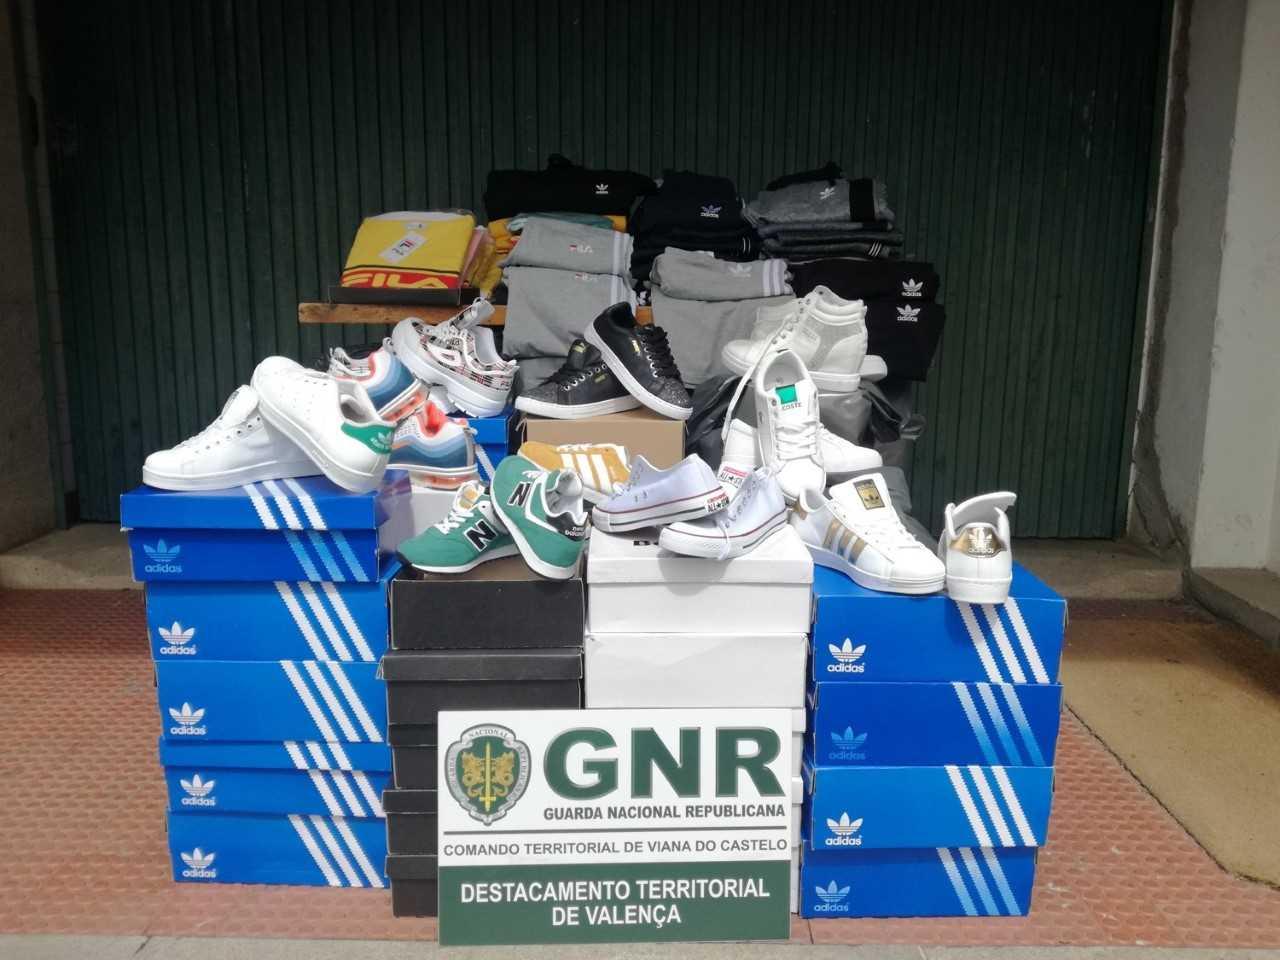 GNR apreende em Valença 28 mil euros de artigos contrafeitos